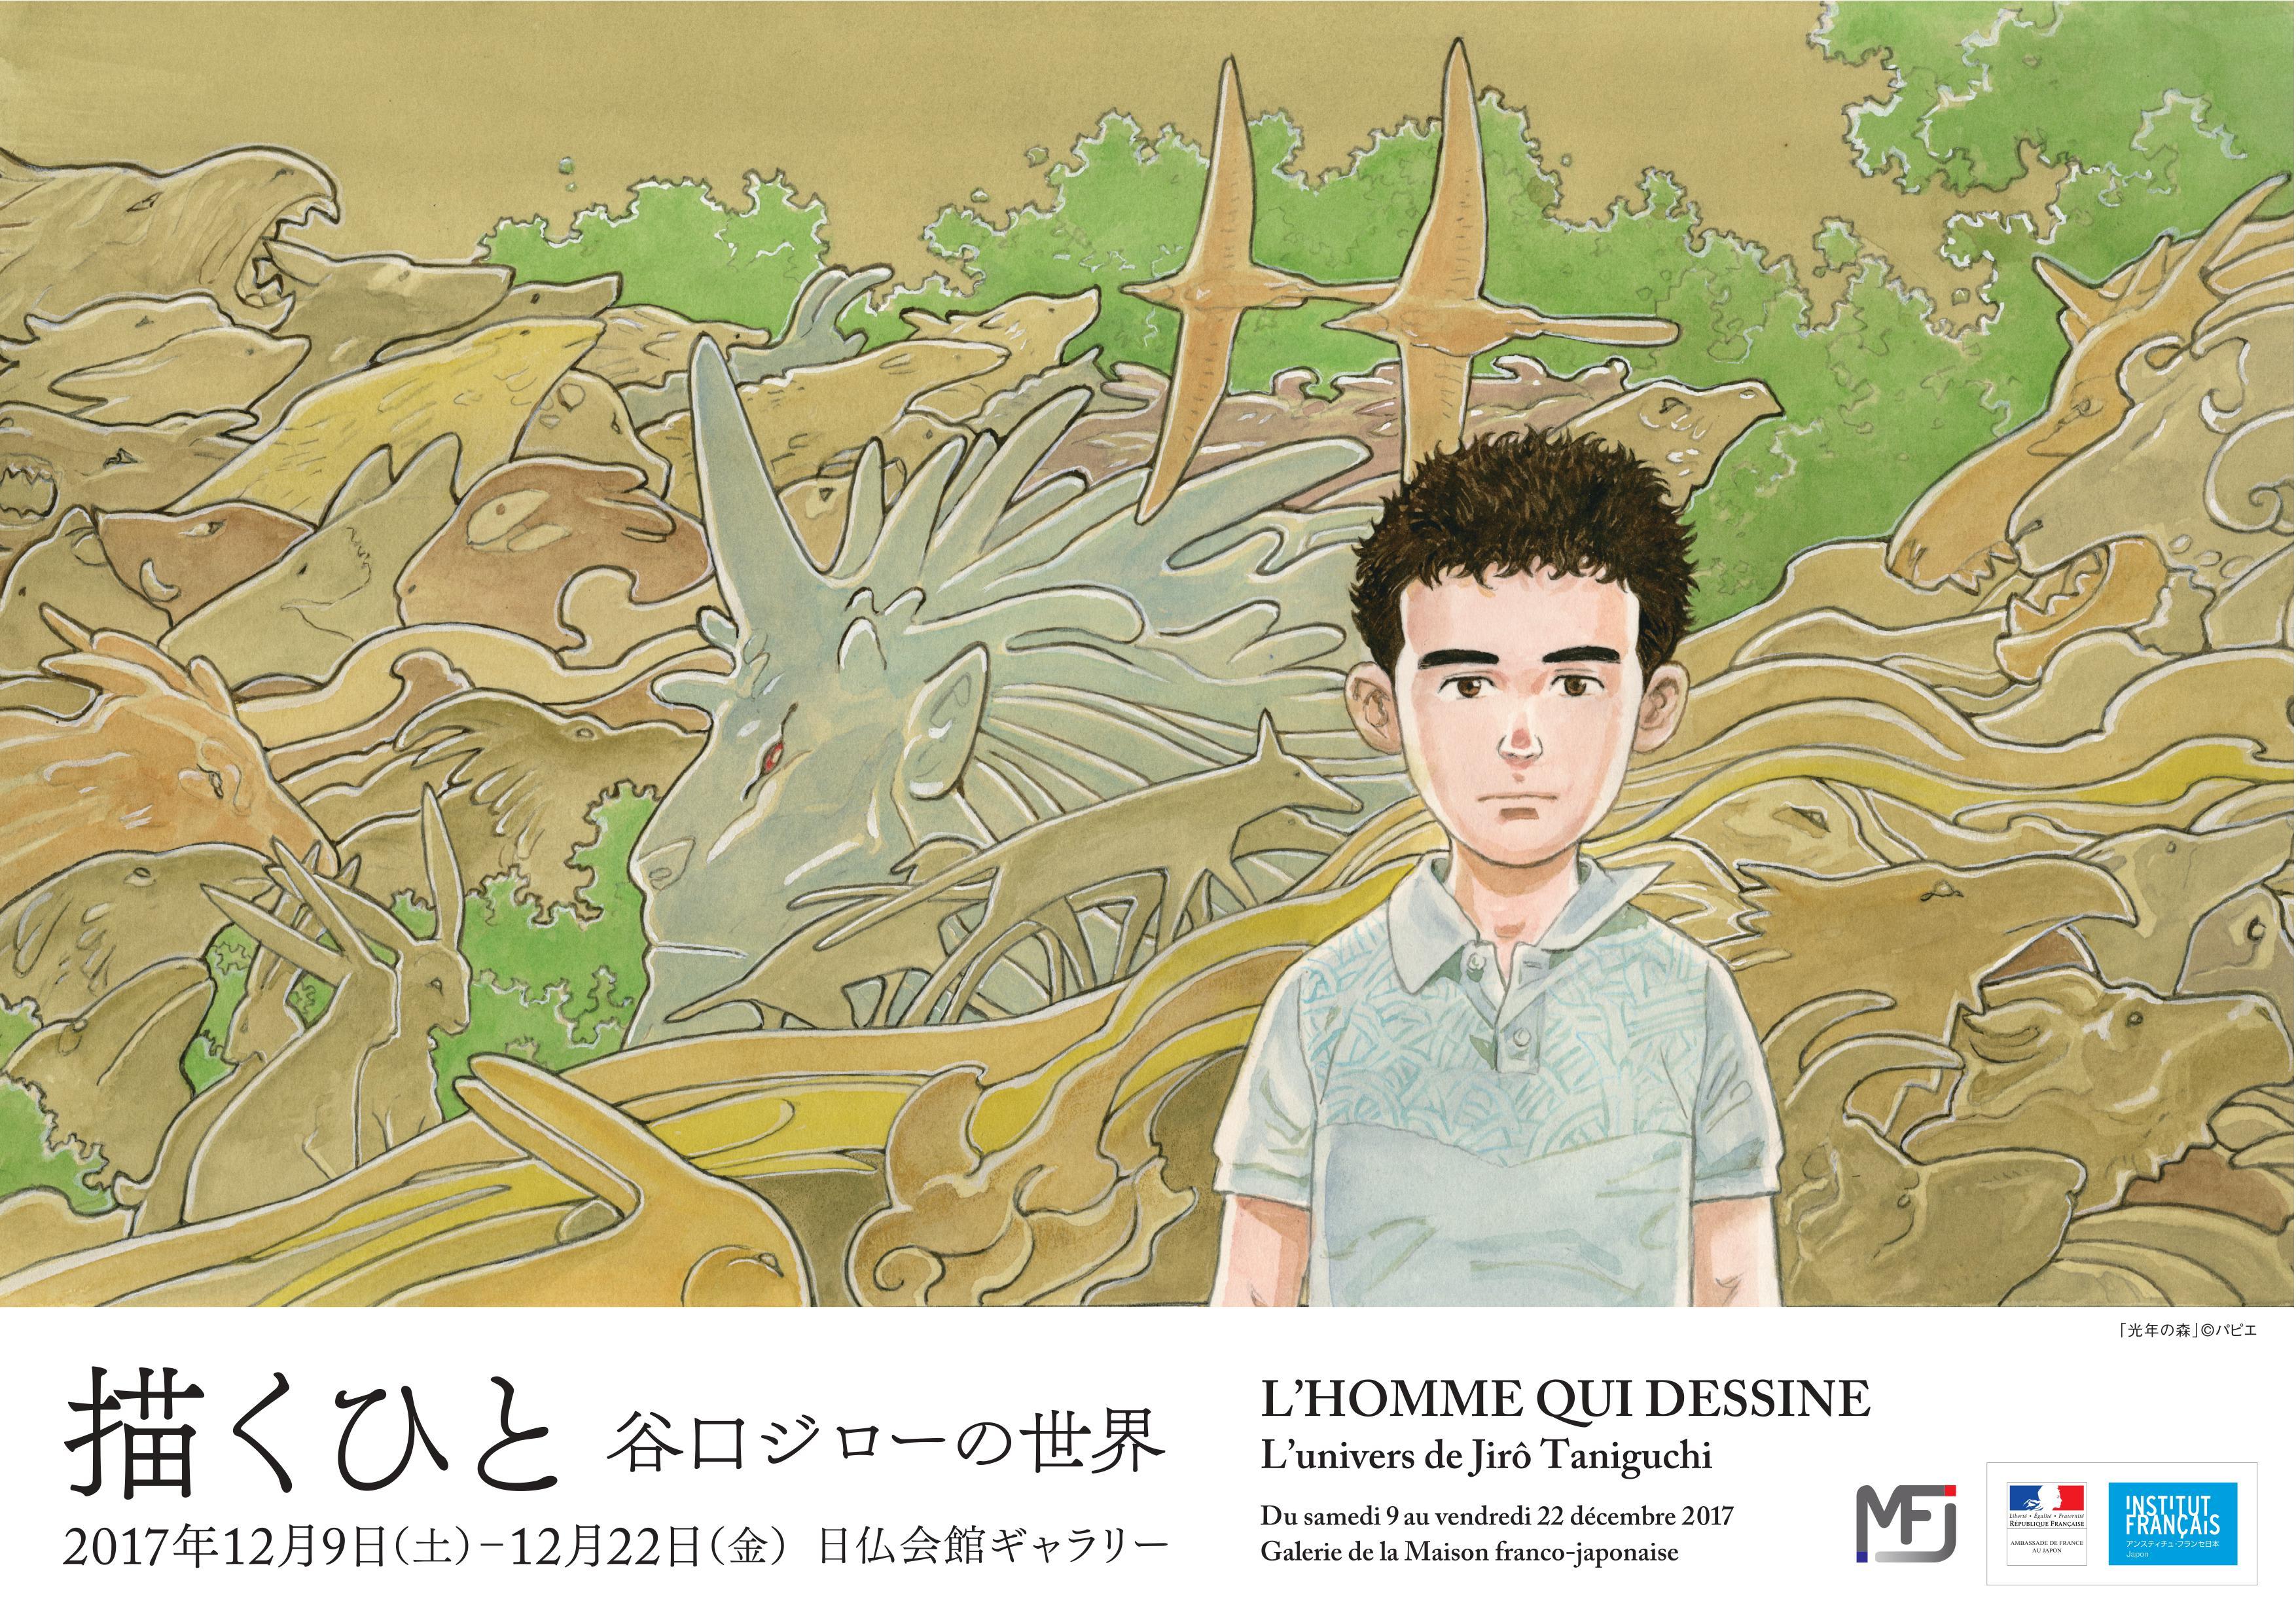 谷口ジローの原画展「描くひと 谷口ジローの世界」が12月9日から開催!